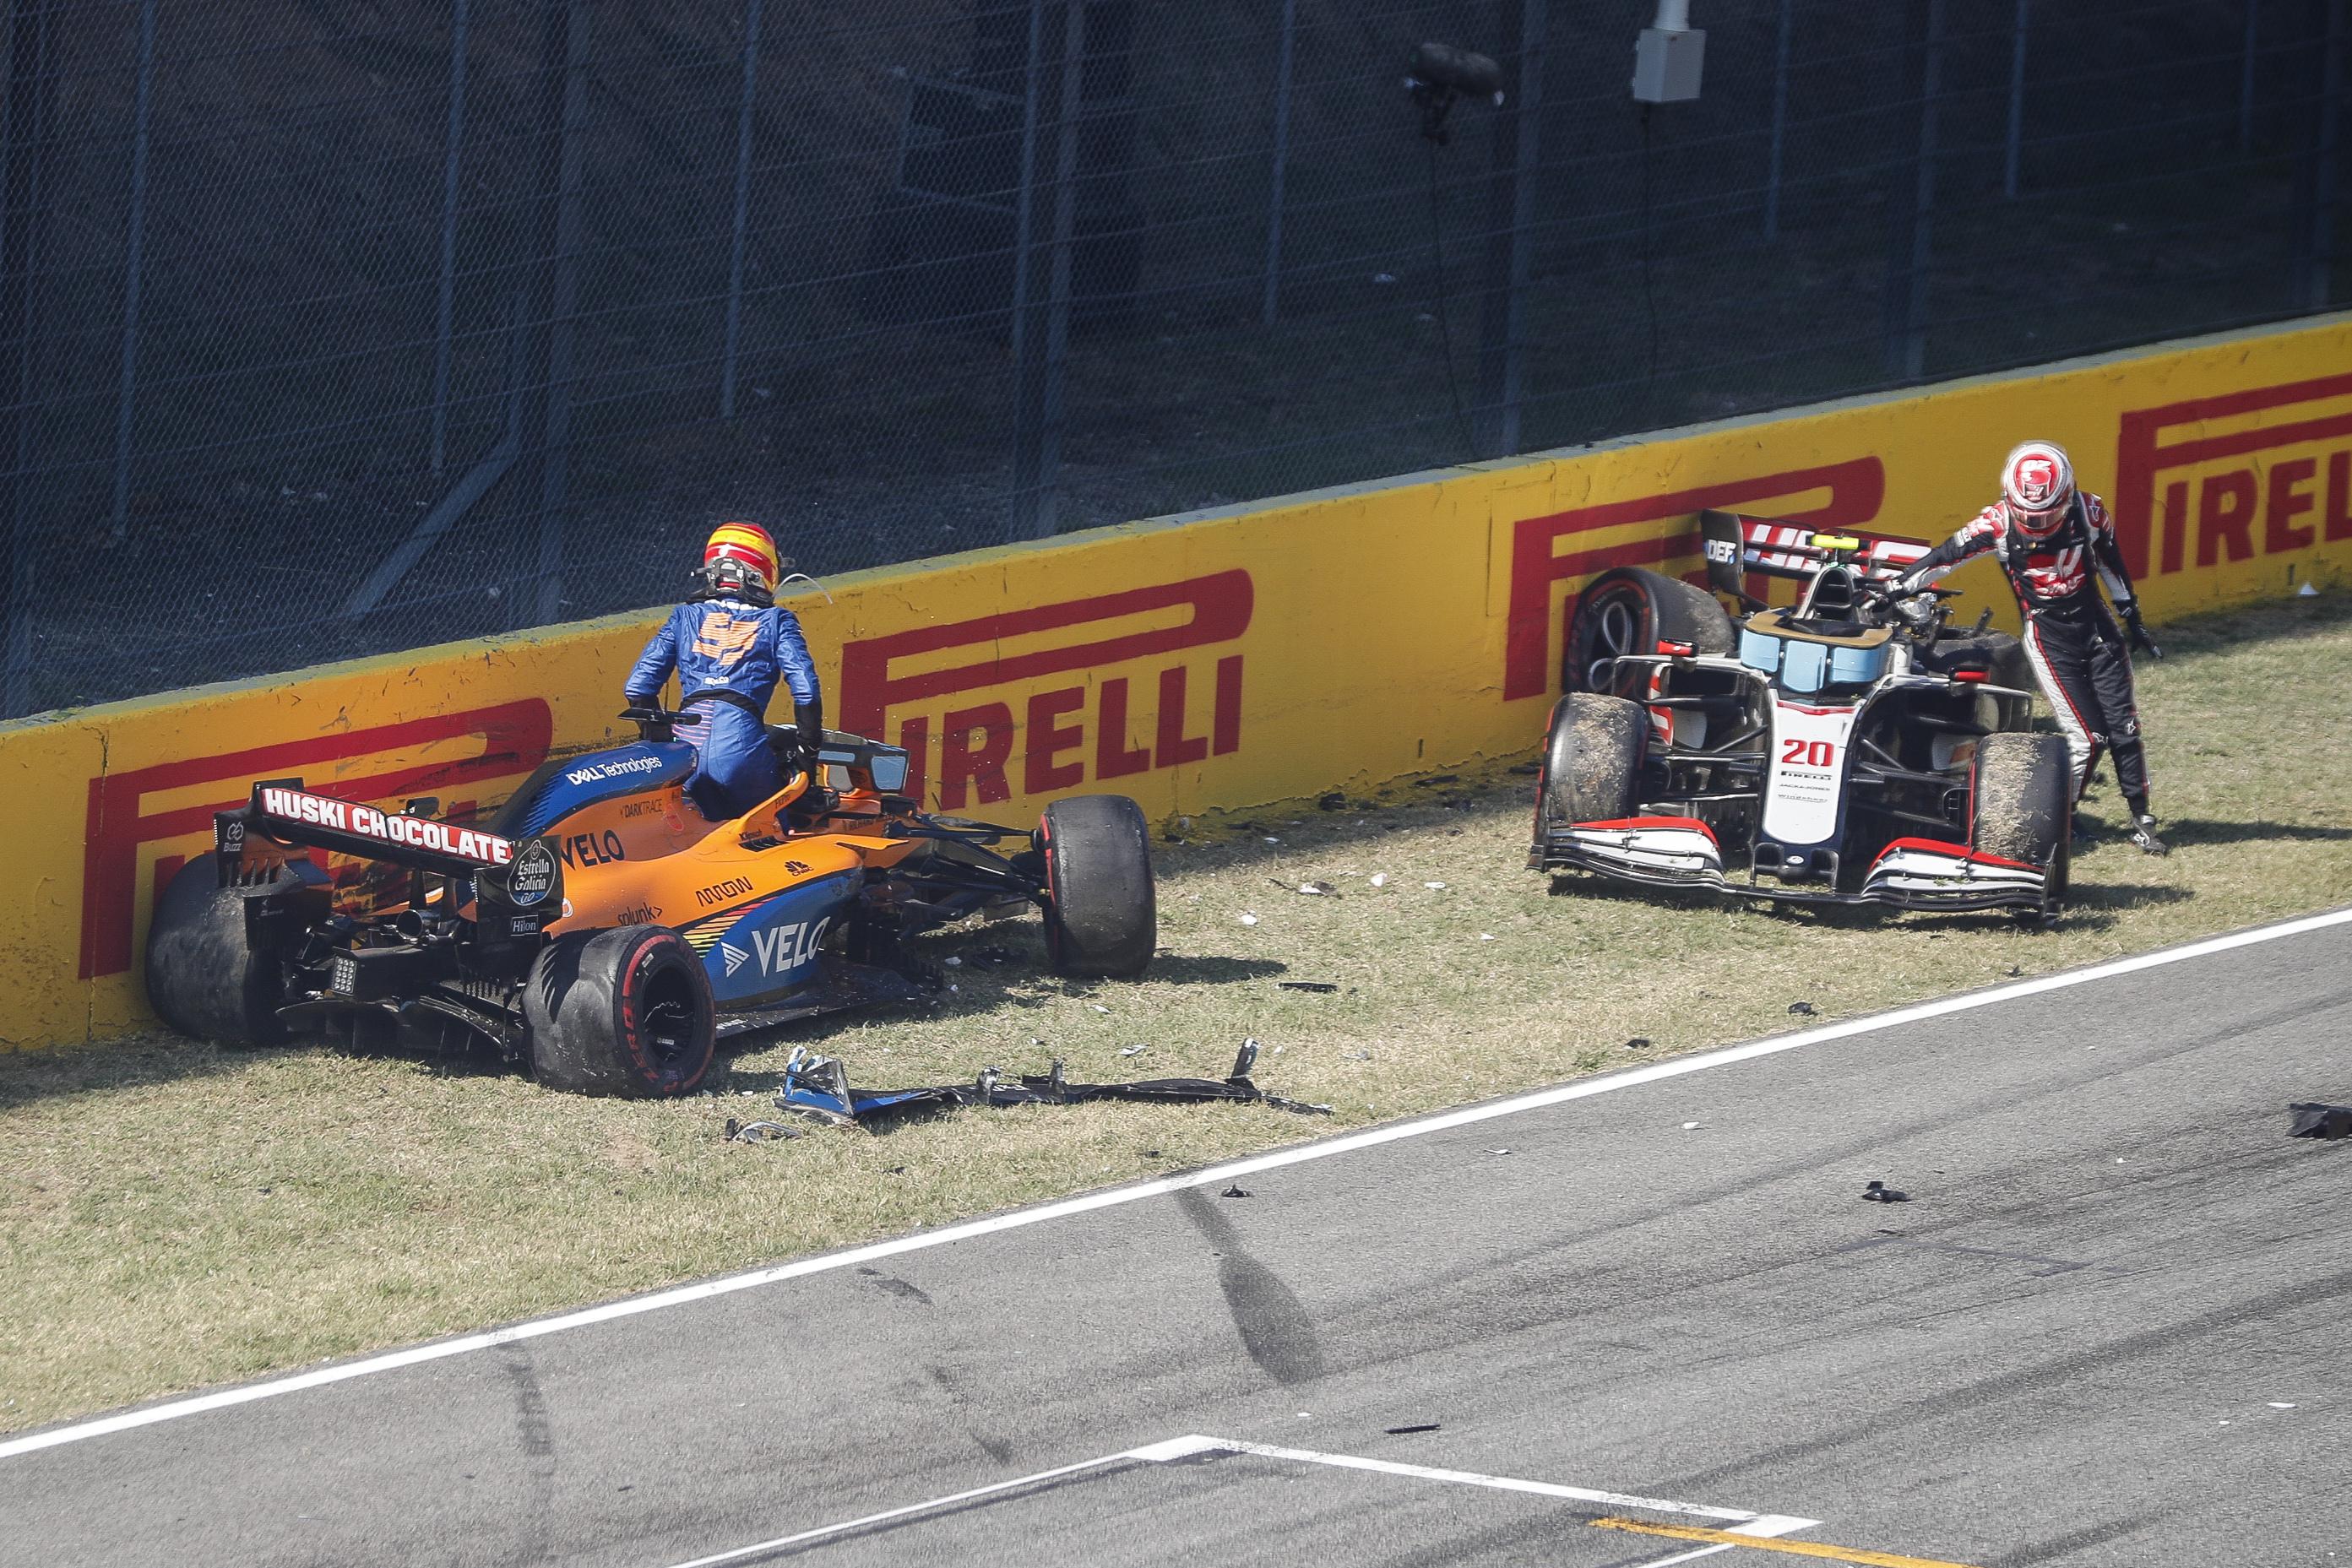 F1: Aggódnak a versenyzők a mugellói roncsderbi után